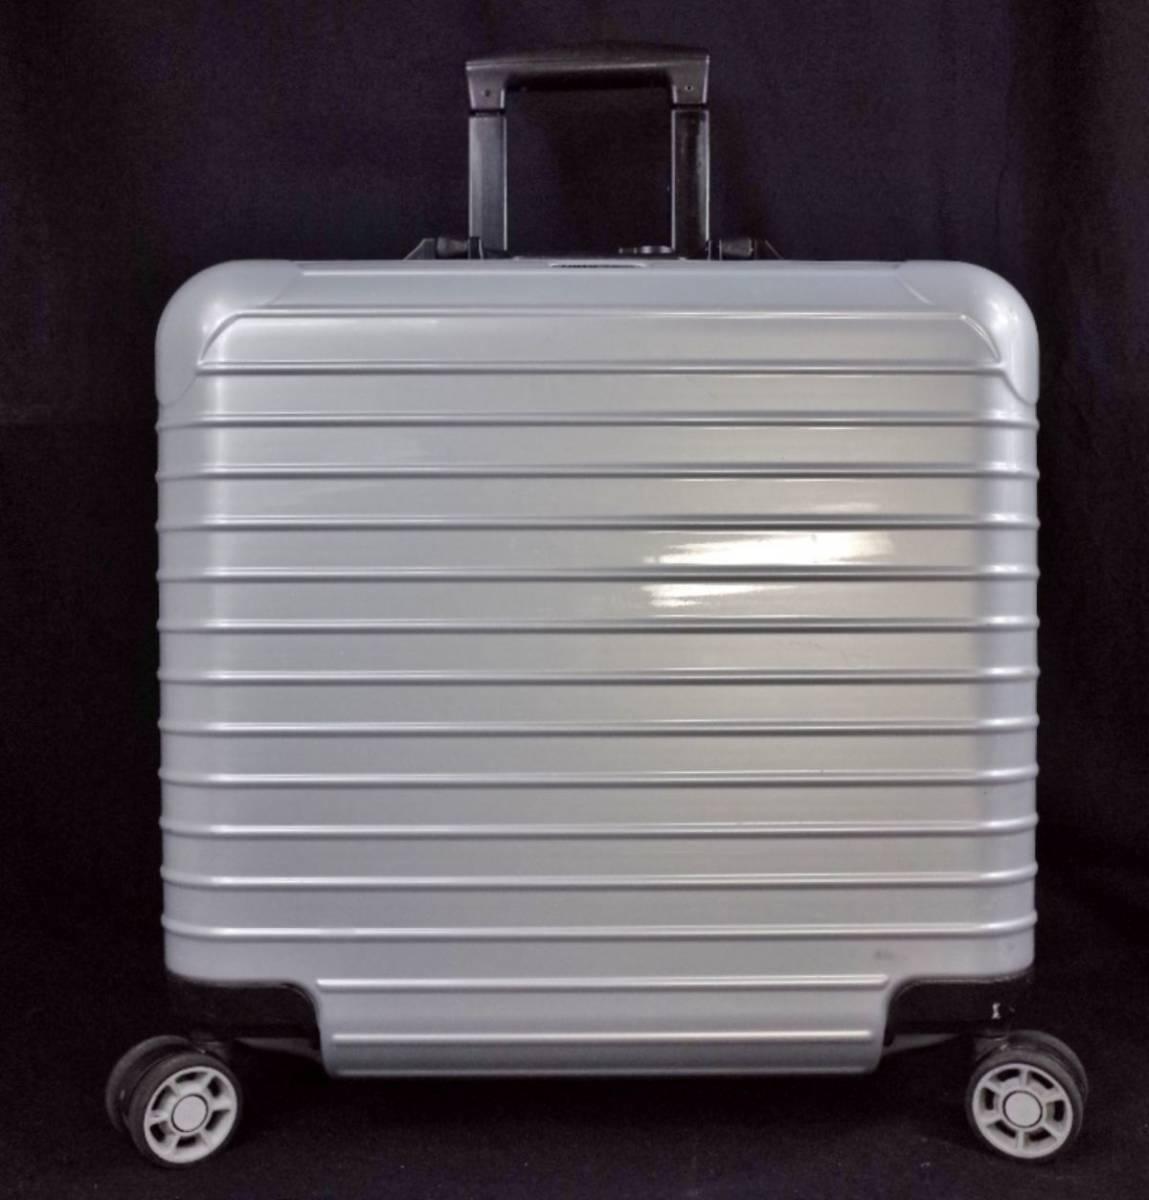 RIMOWA リモワ 844.40『SALSA サルサ』 ビジネス トローリー 4輪 TSAロック 27L(人気完売色:クラッシックシルバー) 美品  _画像3